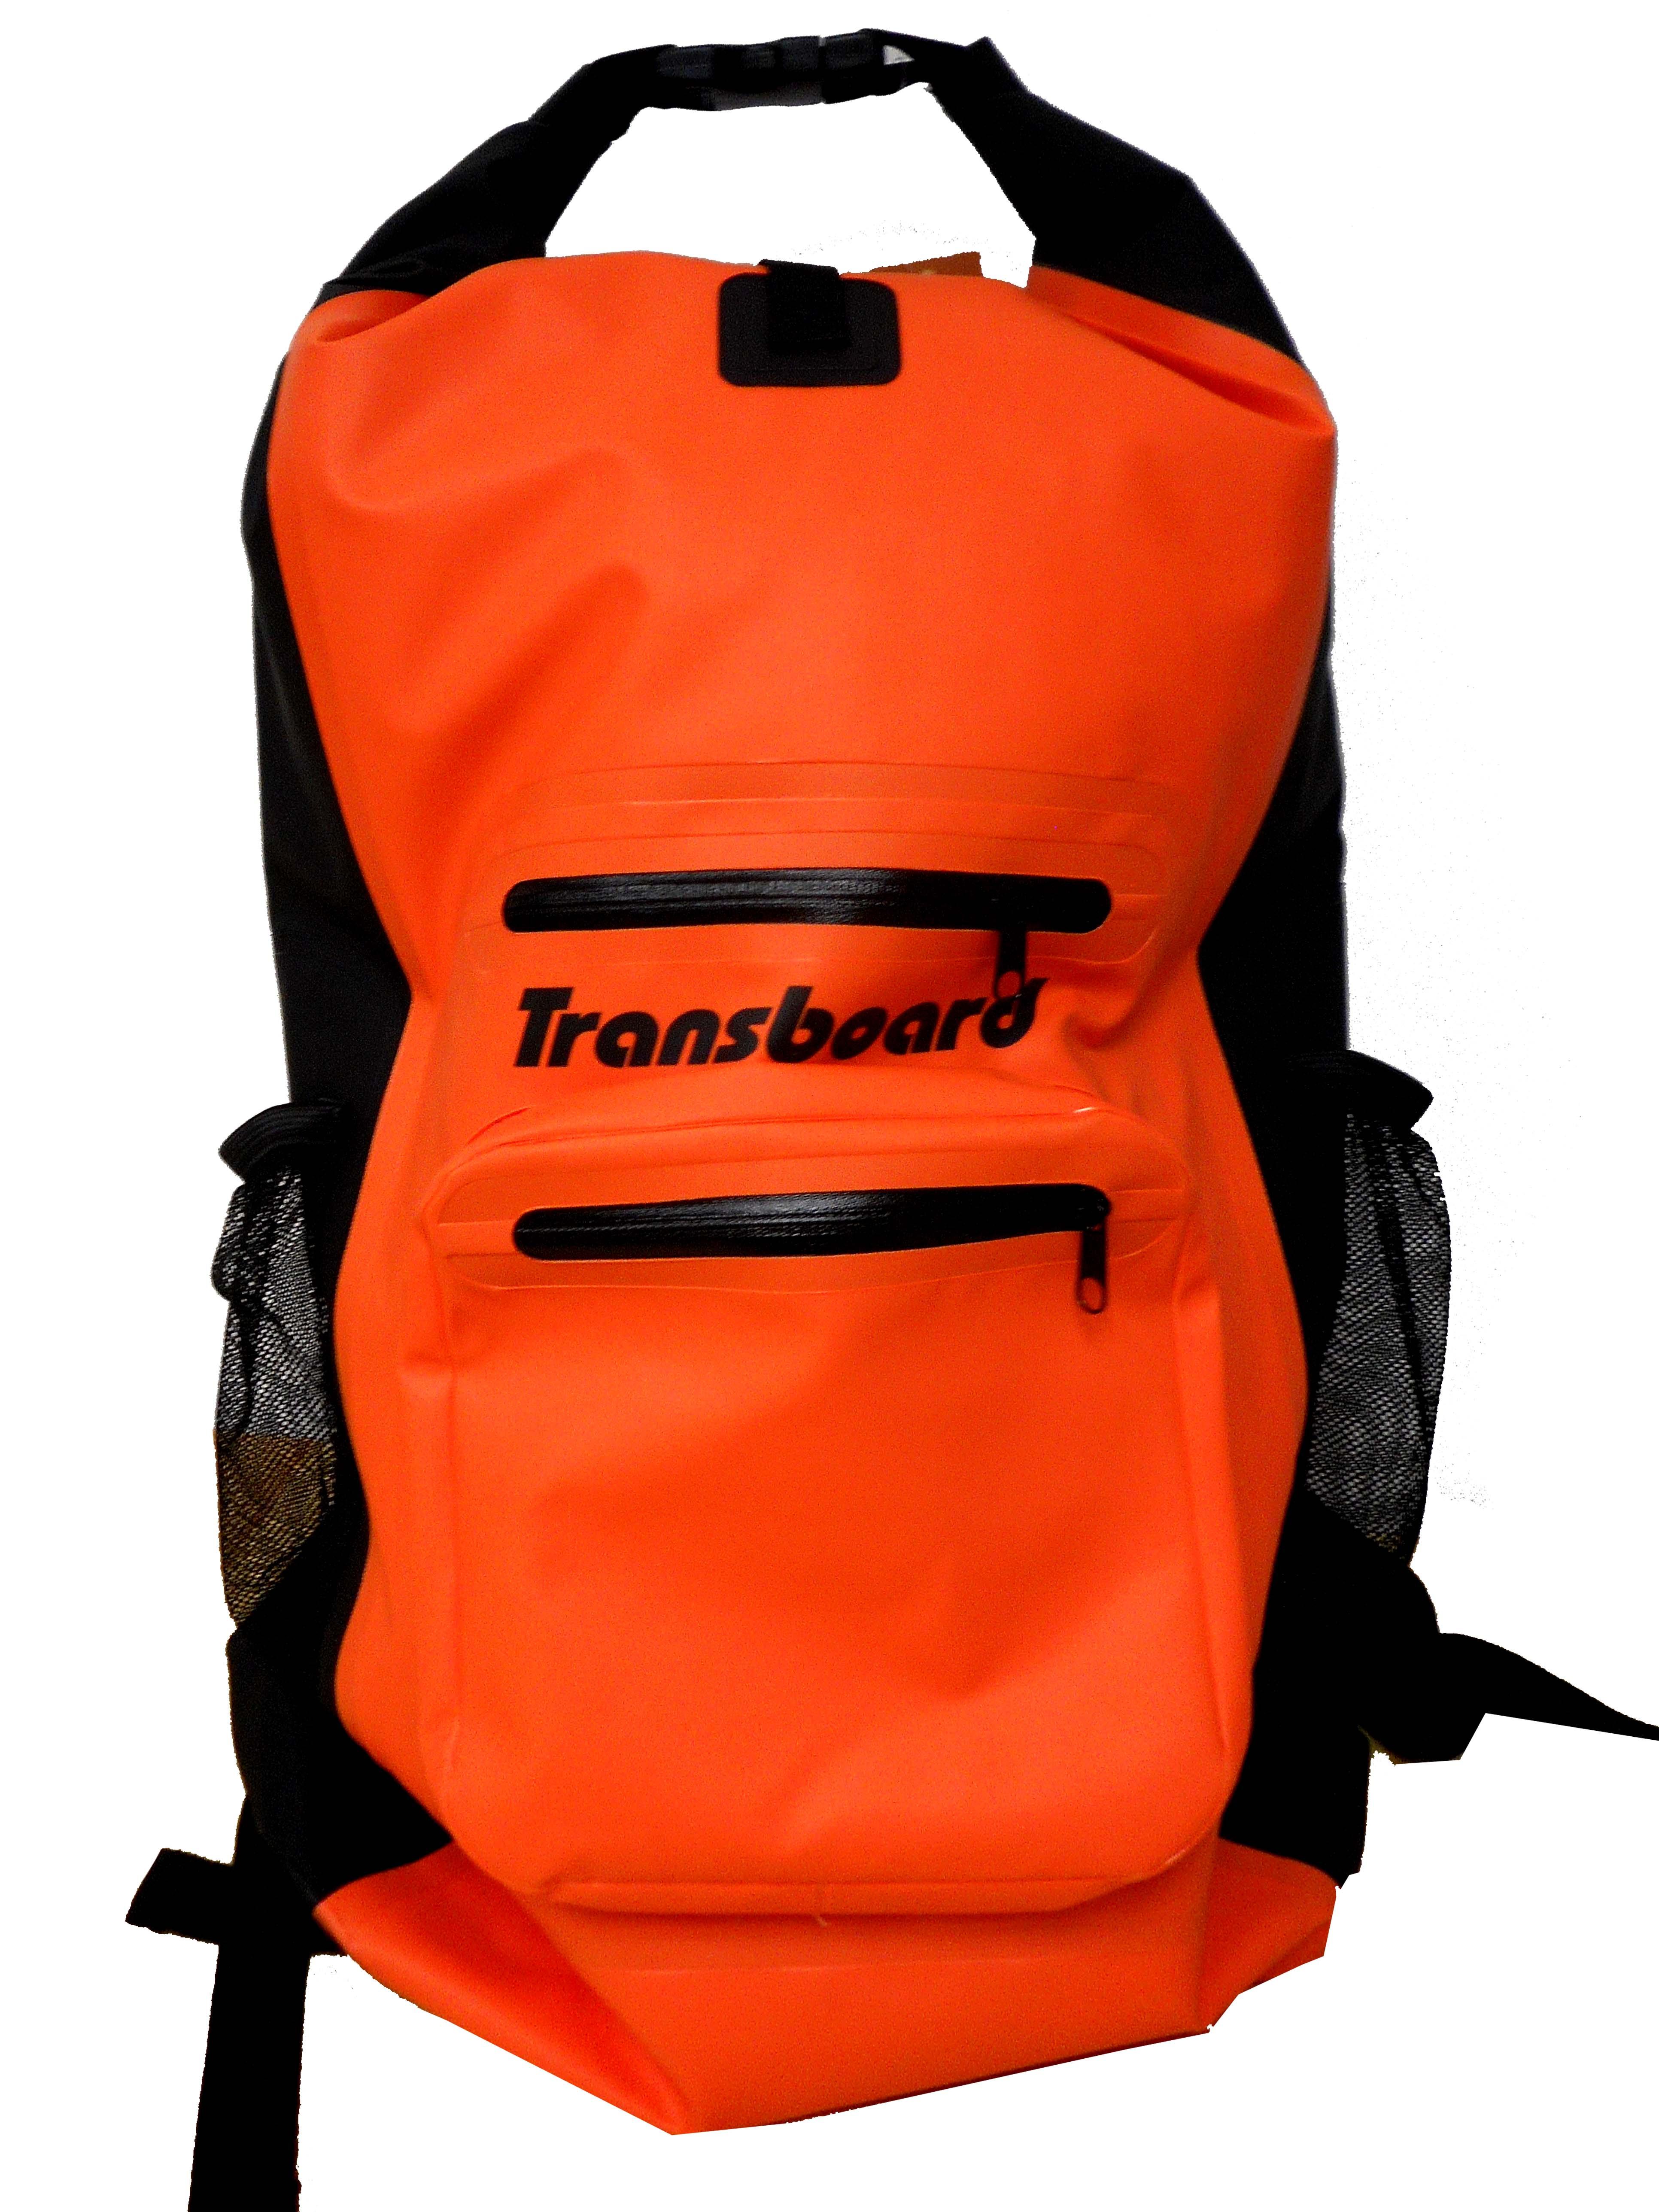 35 Liter 100% Waterproof Smart Backpack for All Outdoor Activities ...